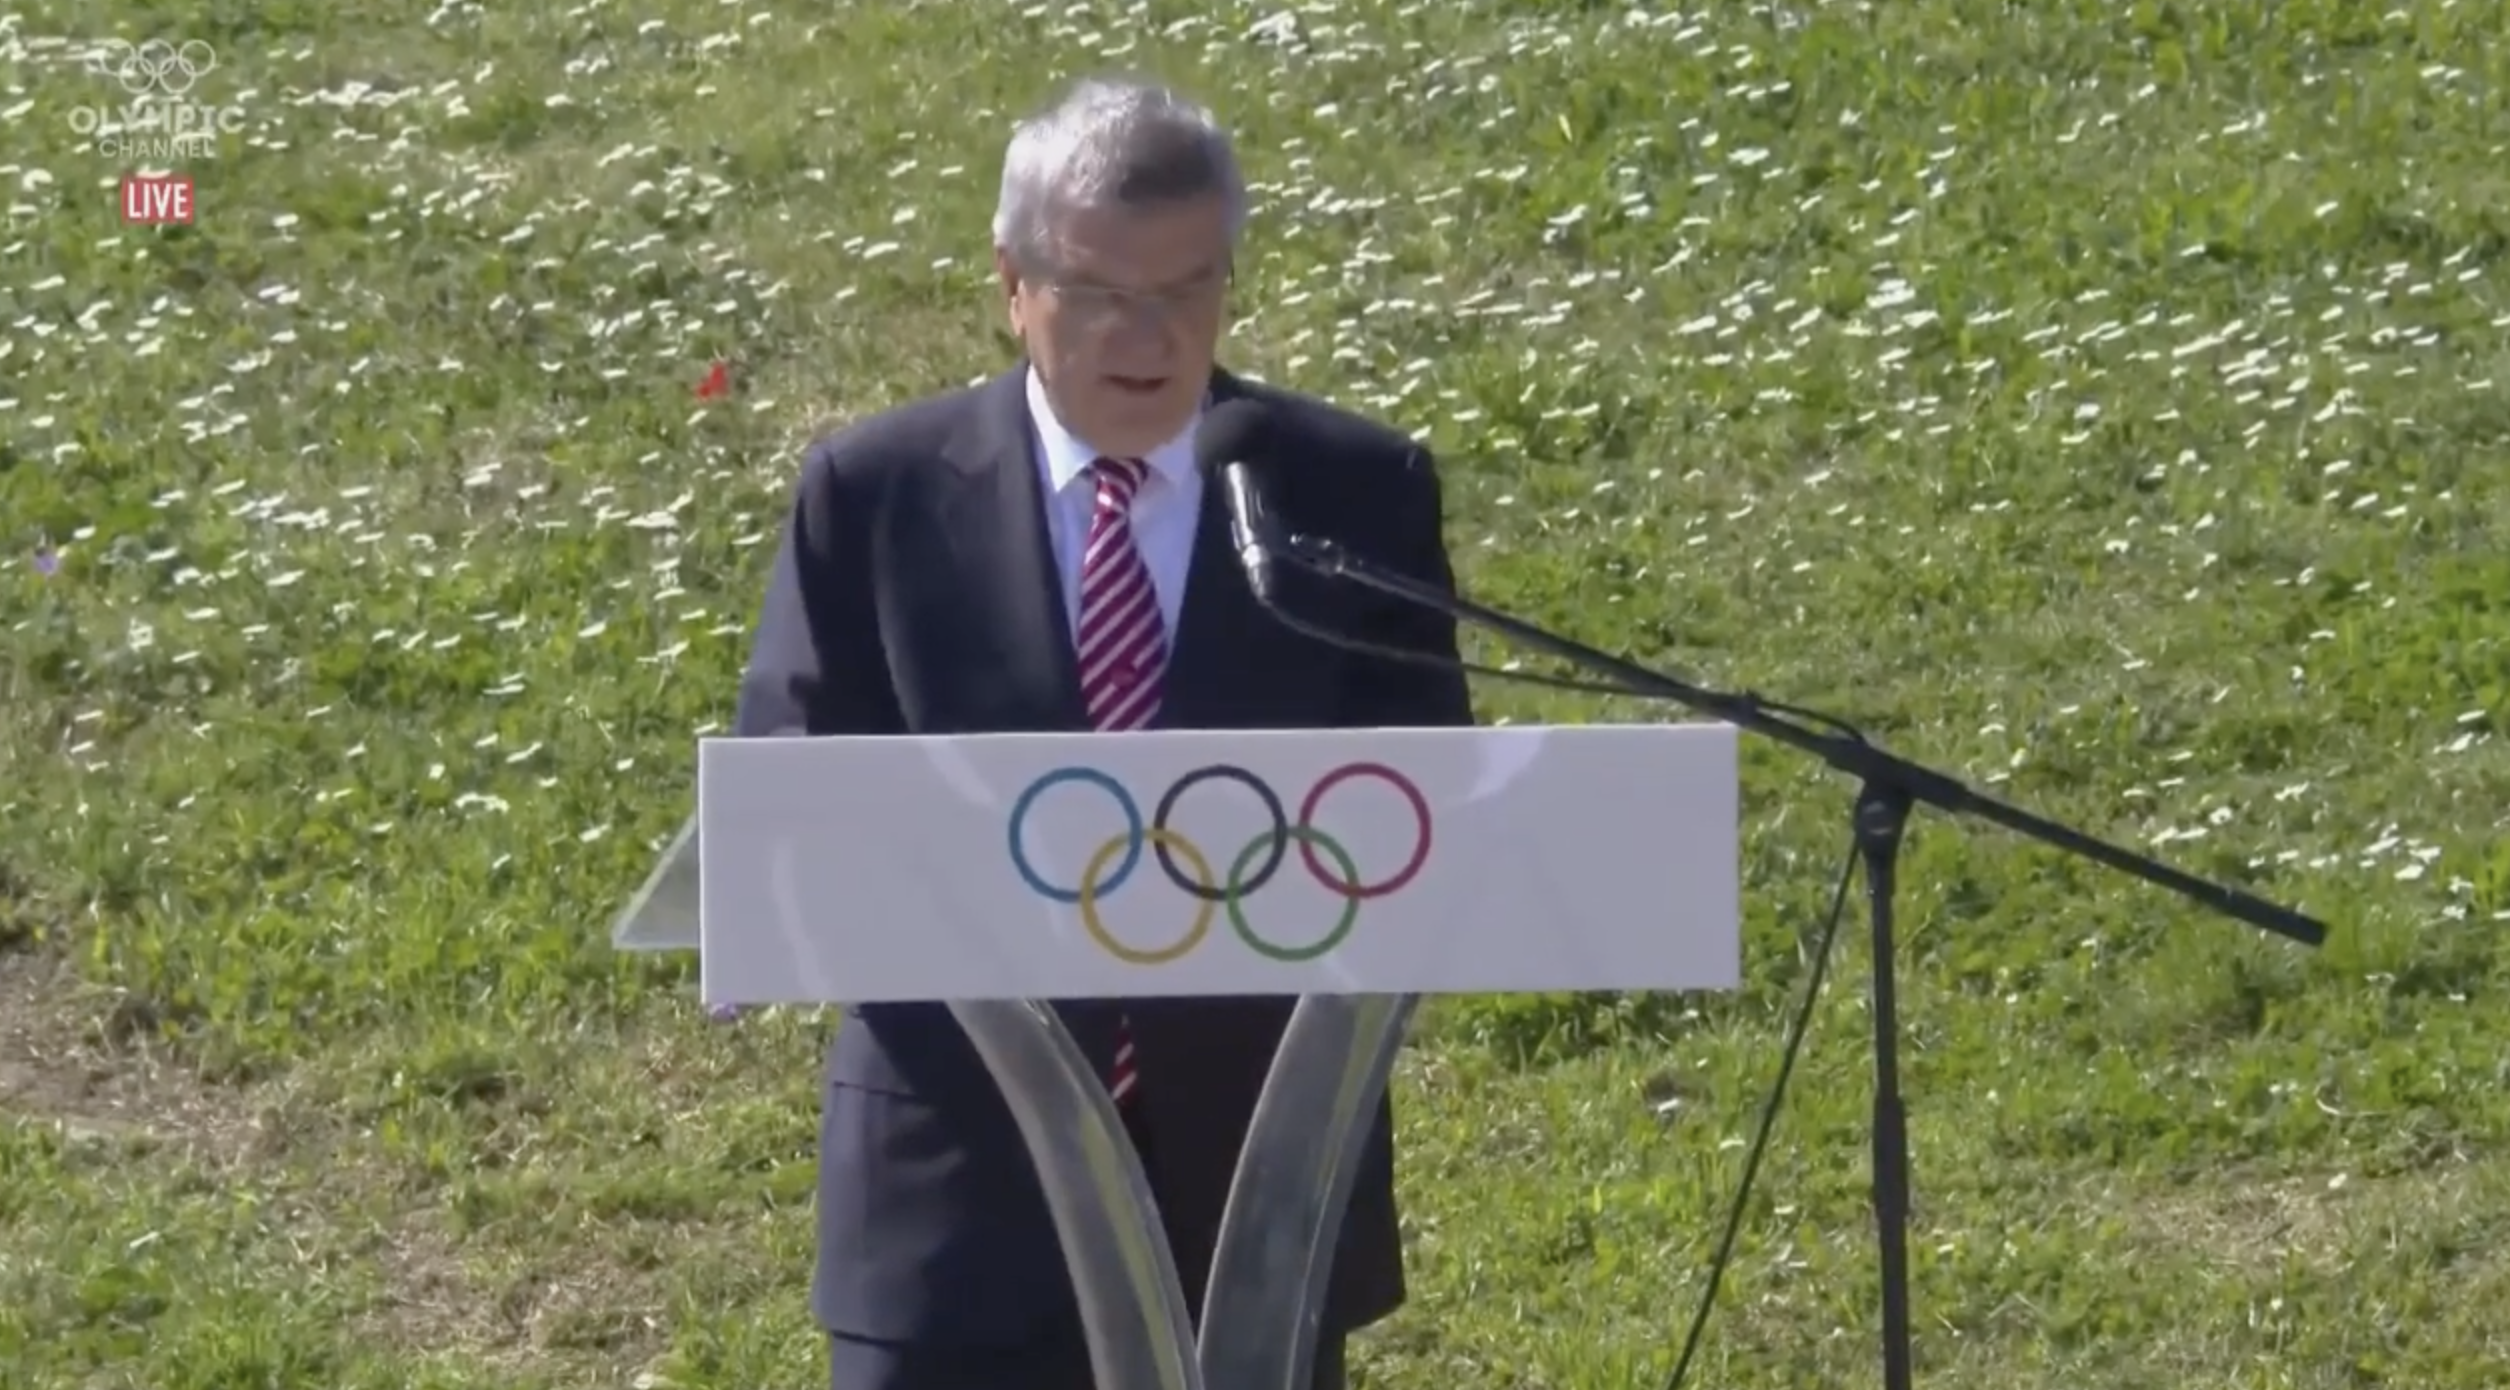 Protocolo Olímpico